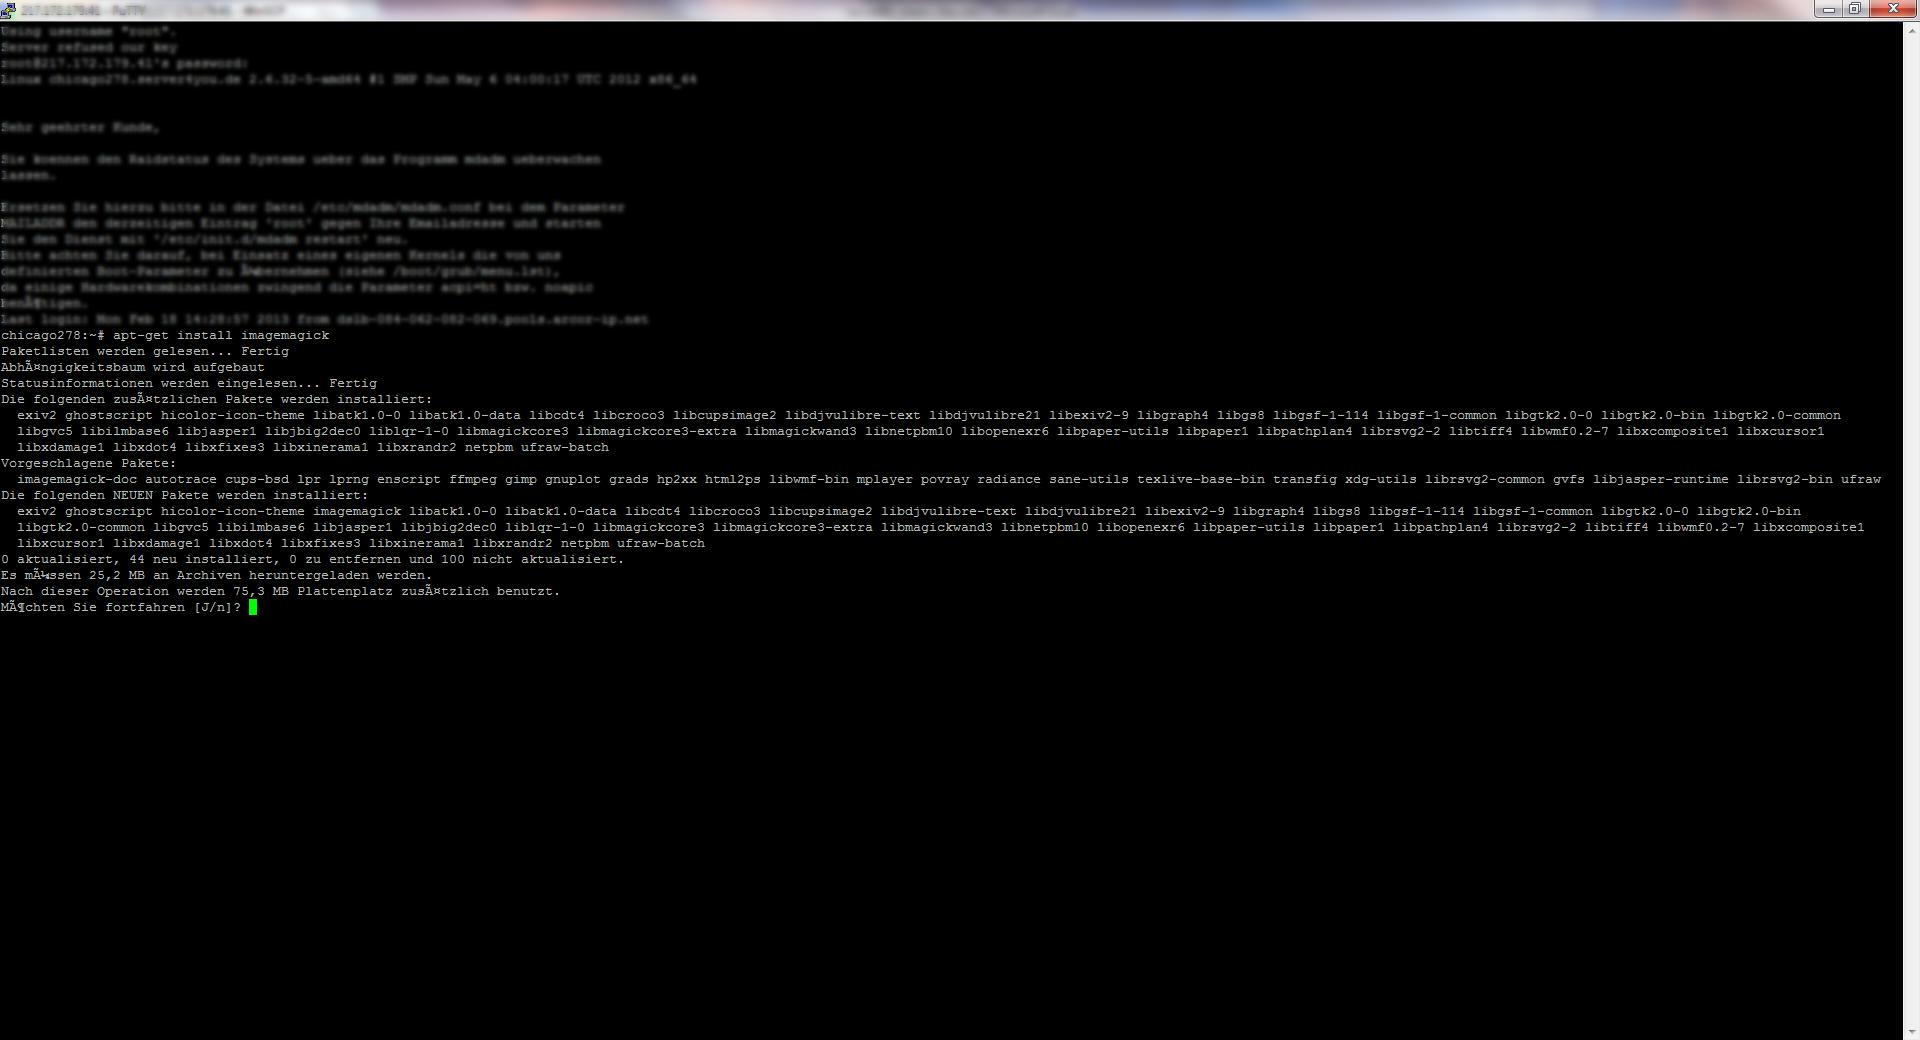 Imagemagick auf dem Server nachinstallieren